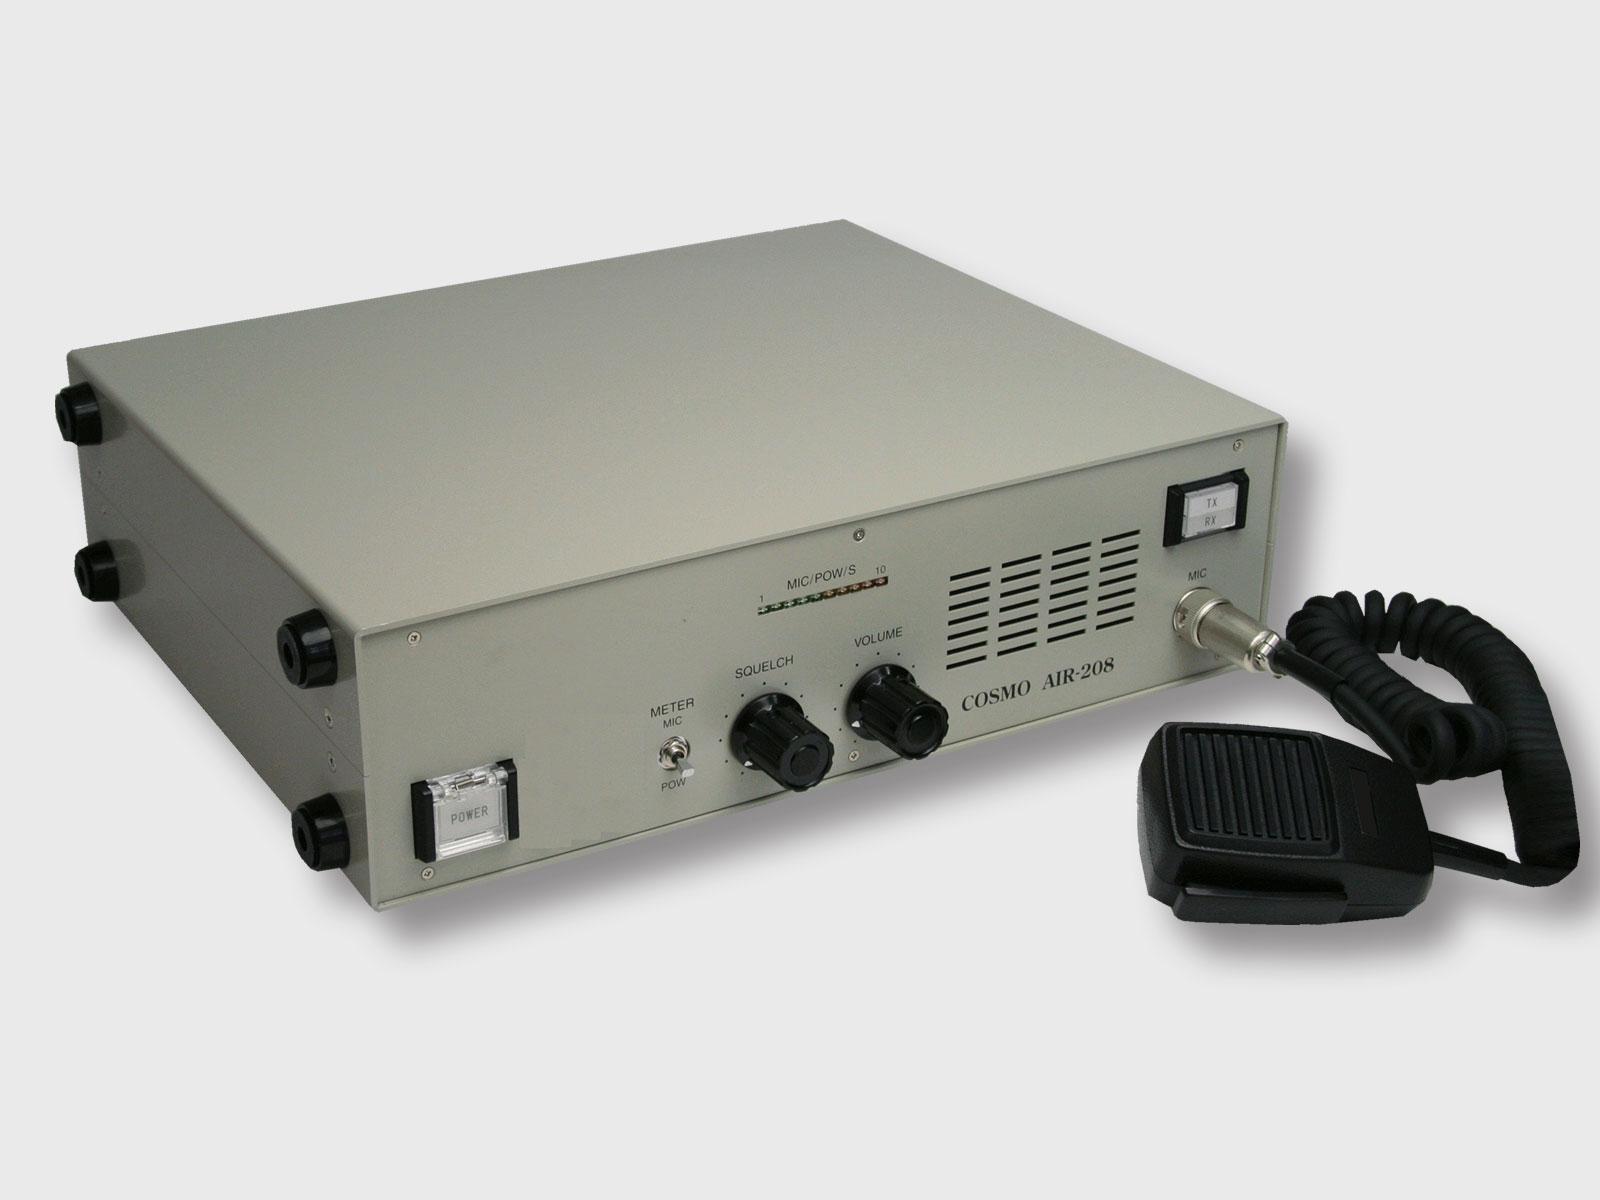 航空無線送受信装置 CA208